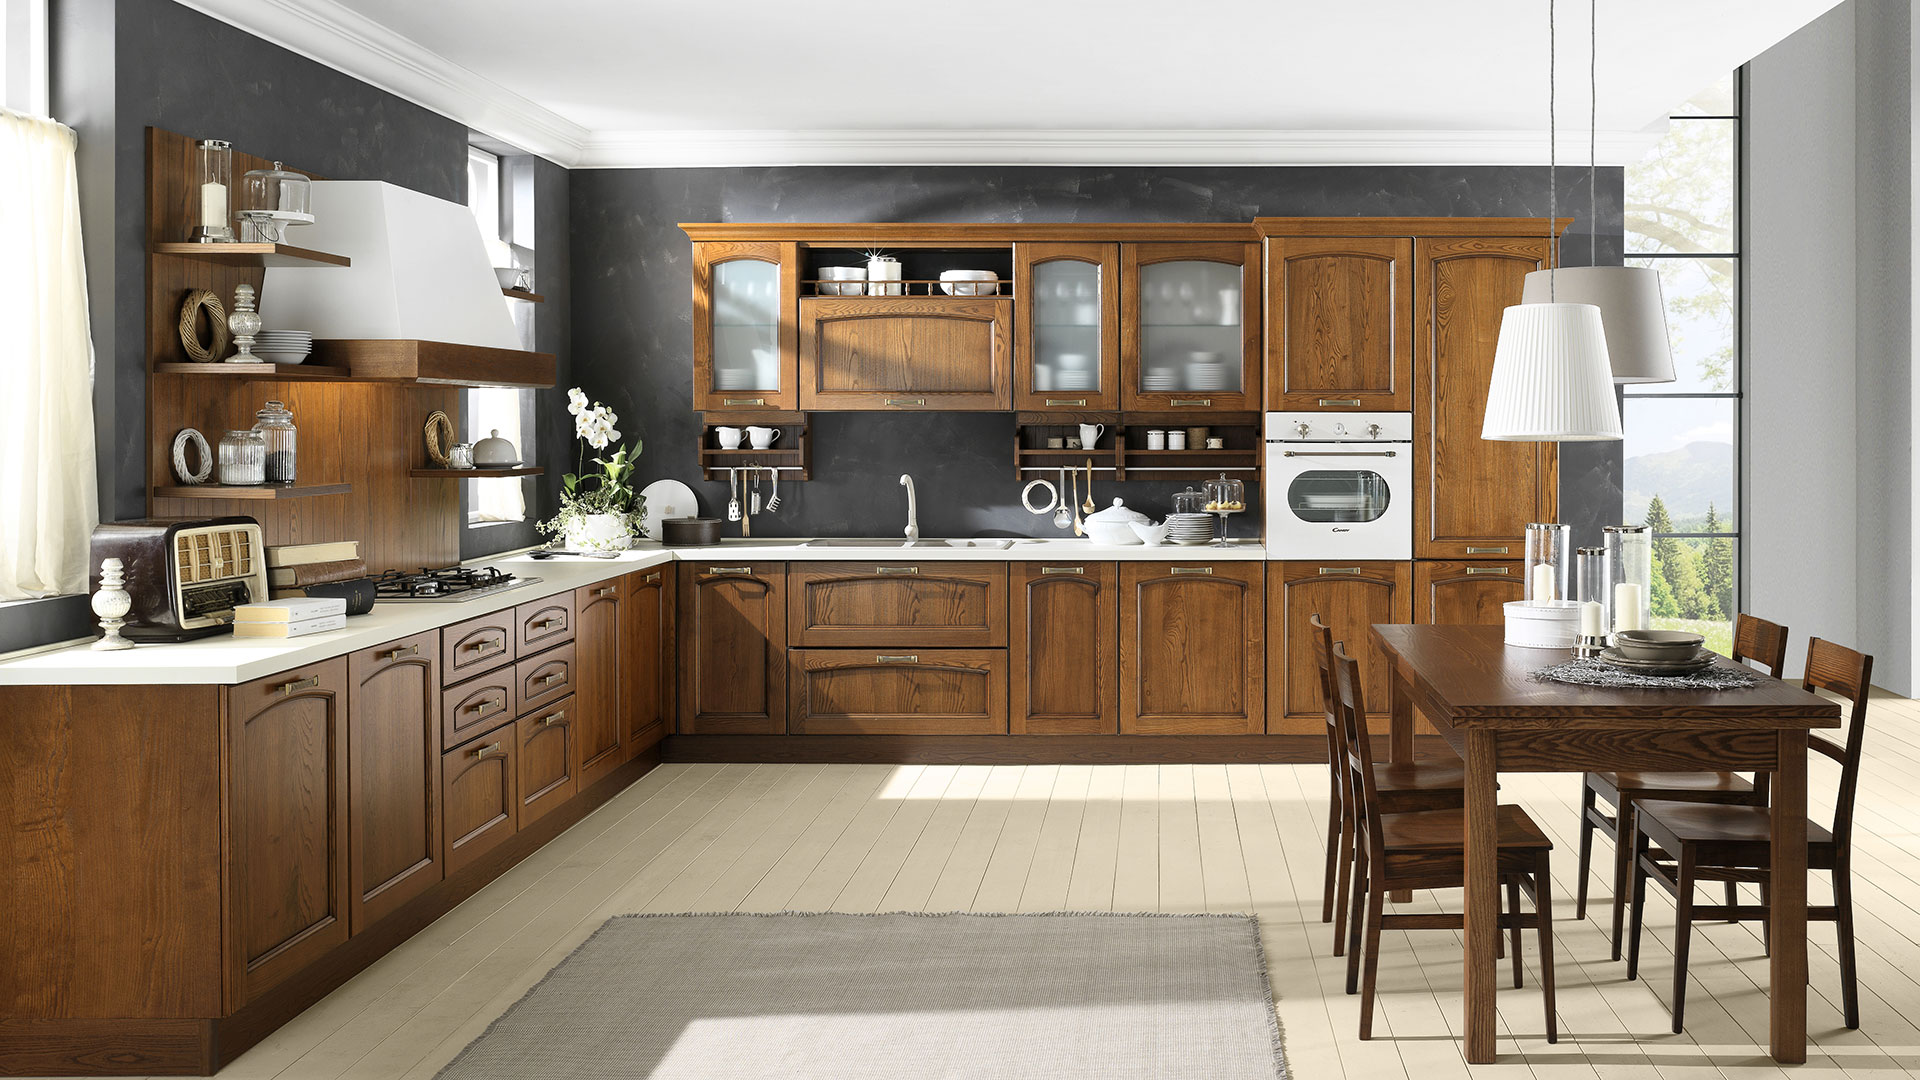 Cucine classiche evo cucine - Cucina scavolini classica ...